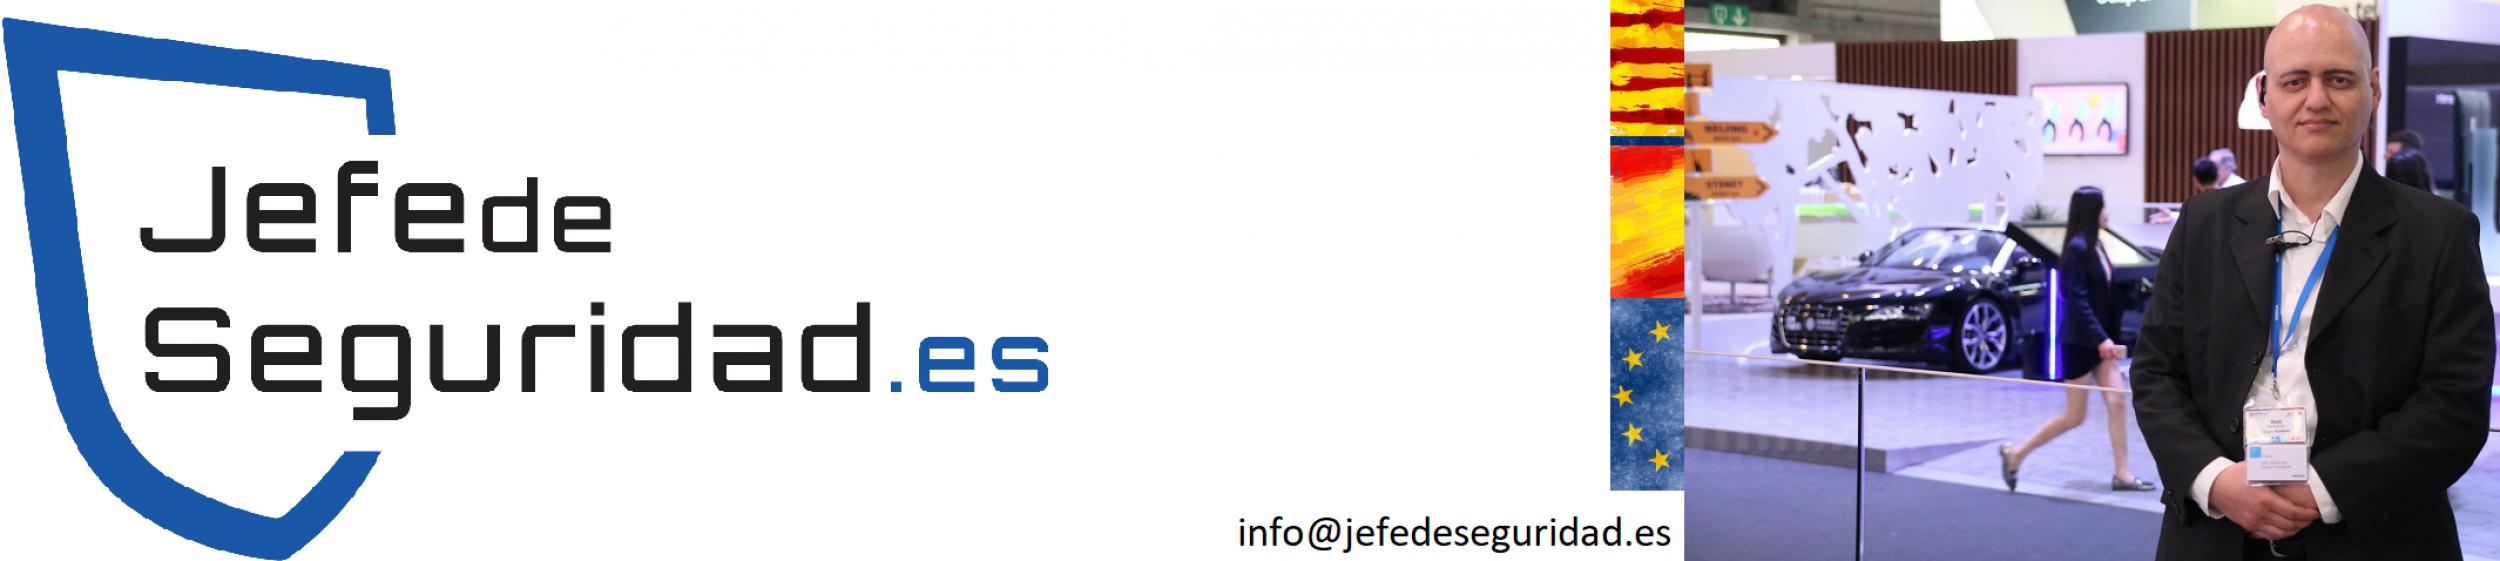 JEFE DE SEGURIDAD